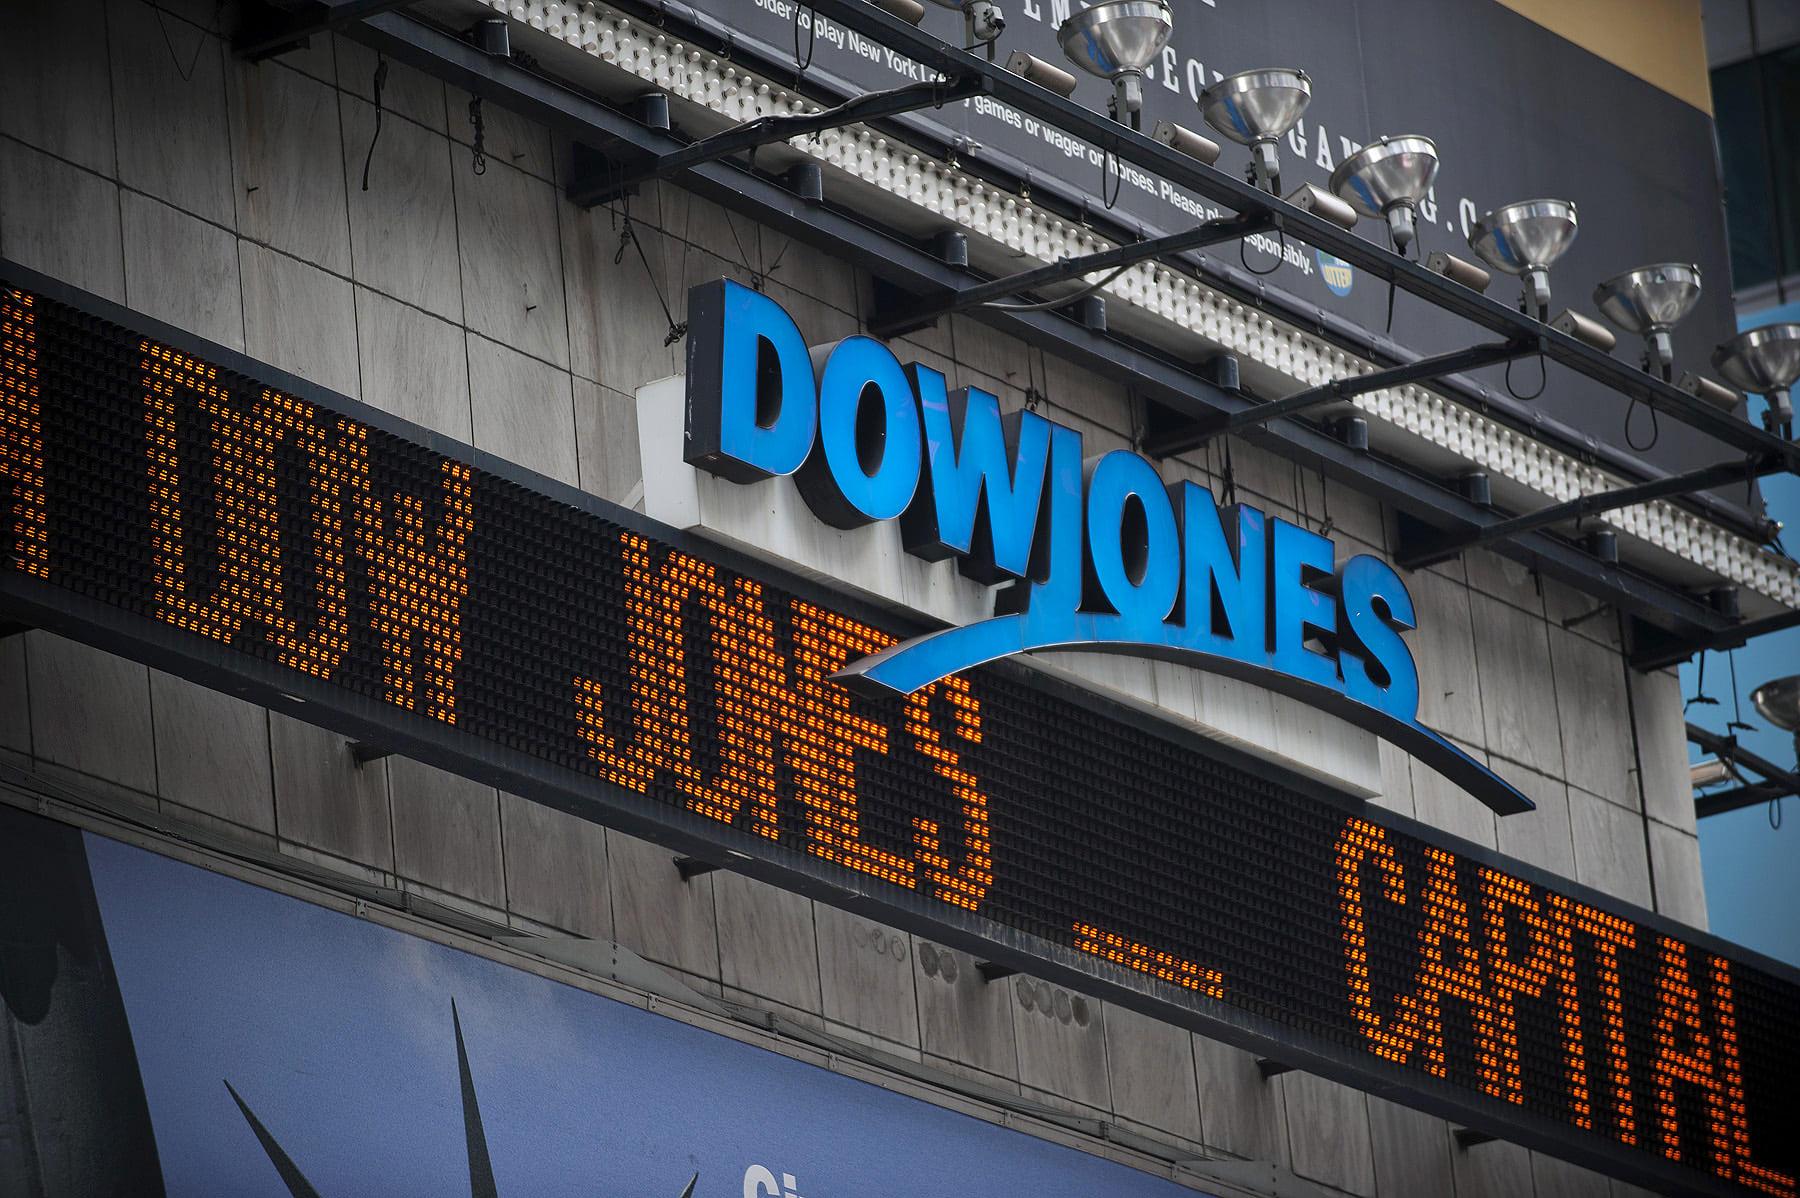 Định nghĩa về Dow jones index